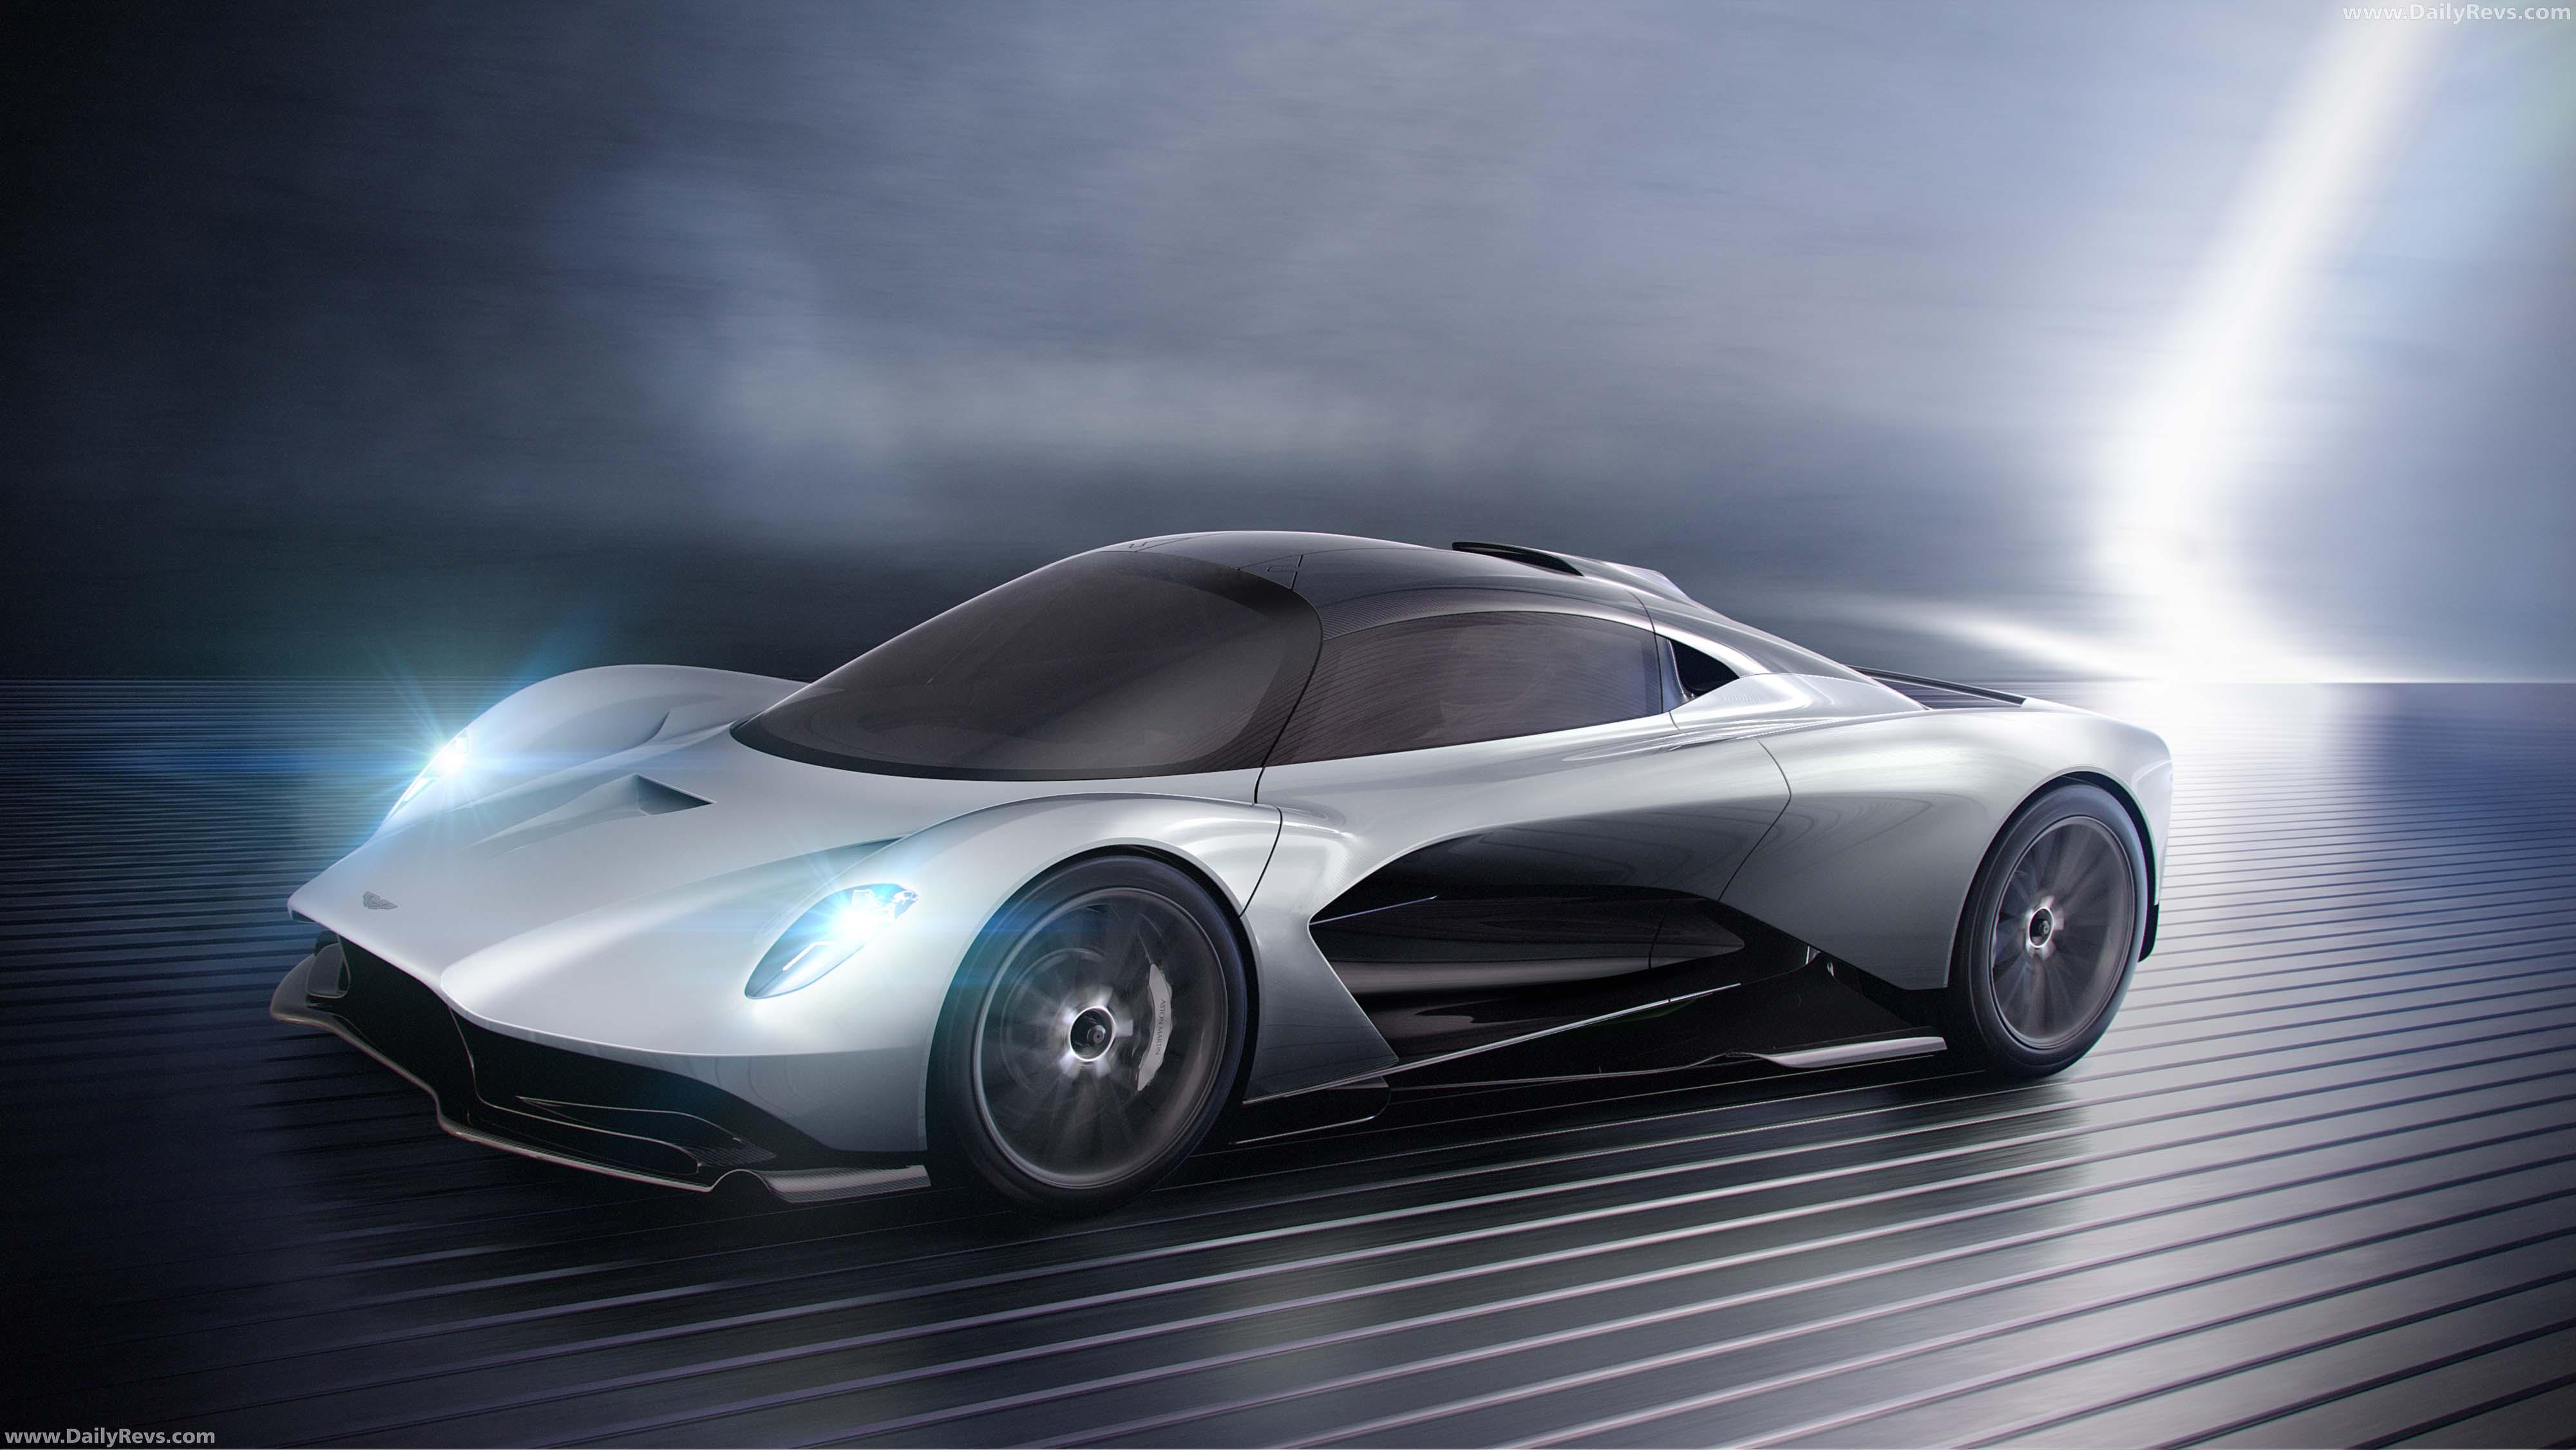 2020 Aston Martin Valhalla full